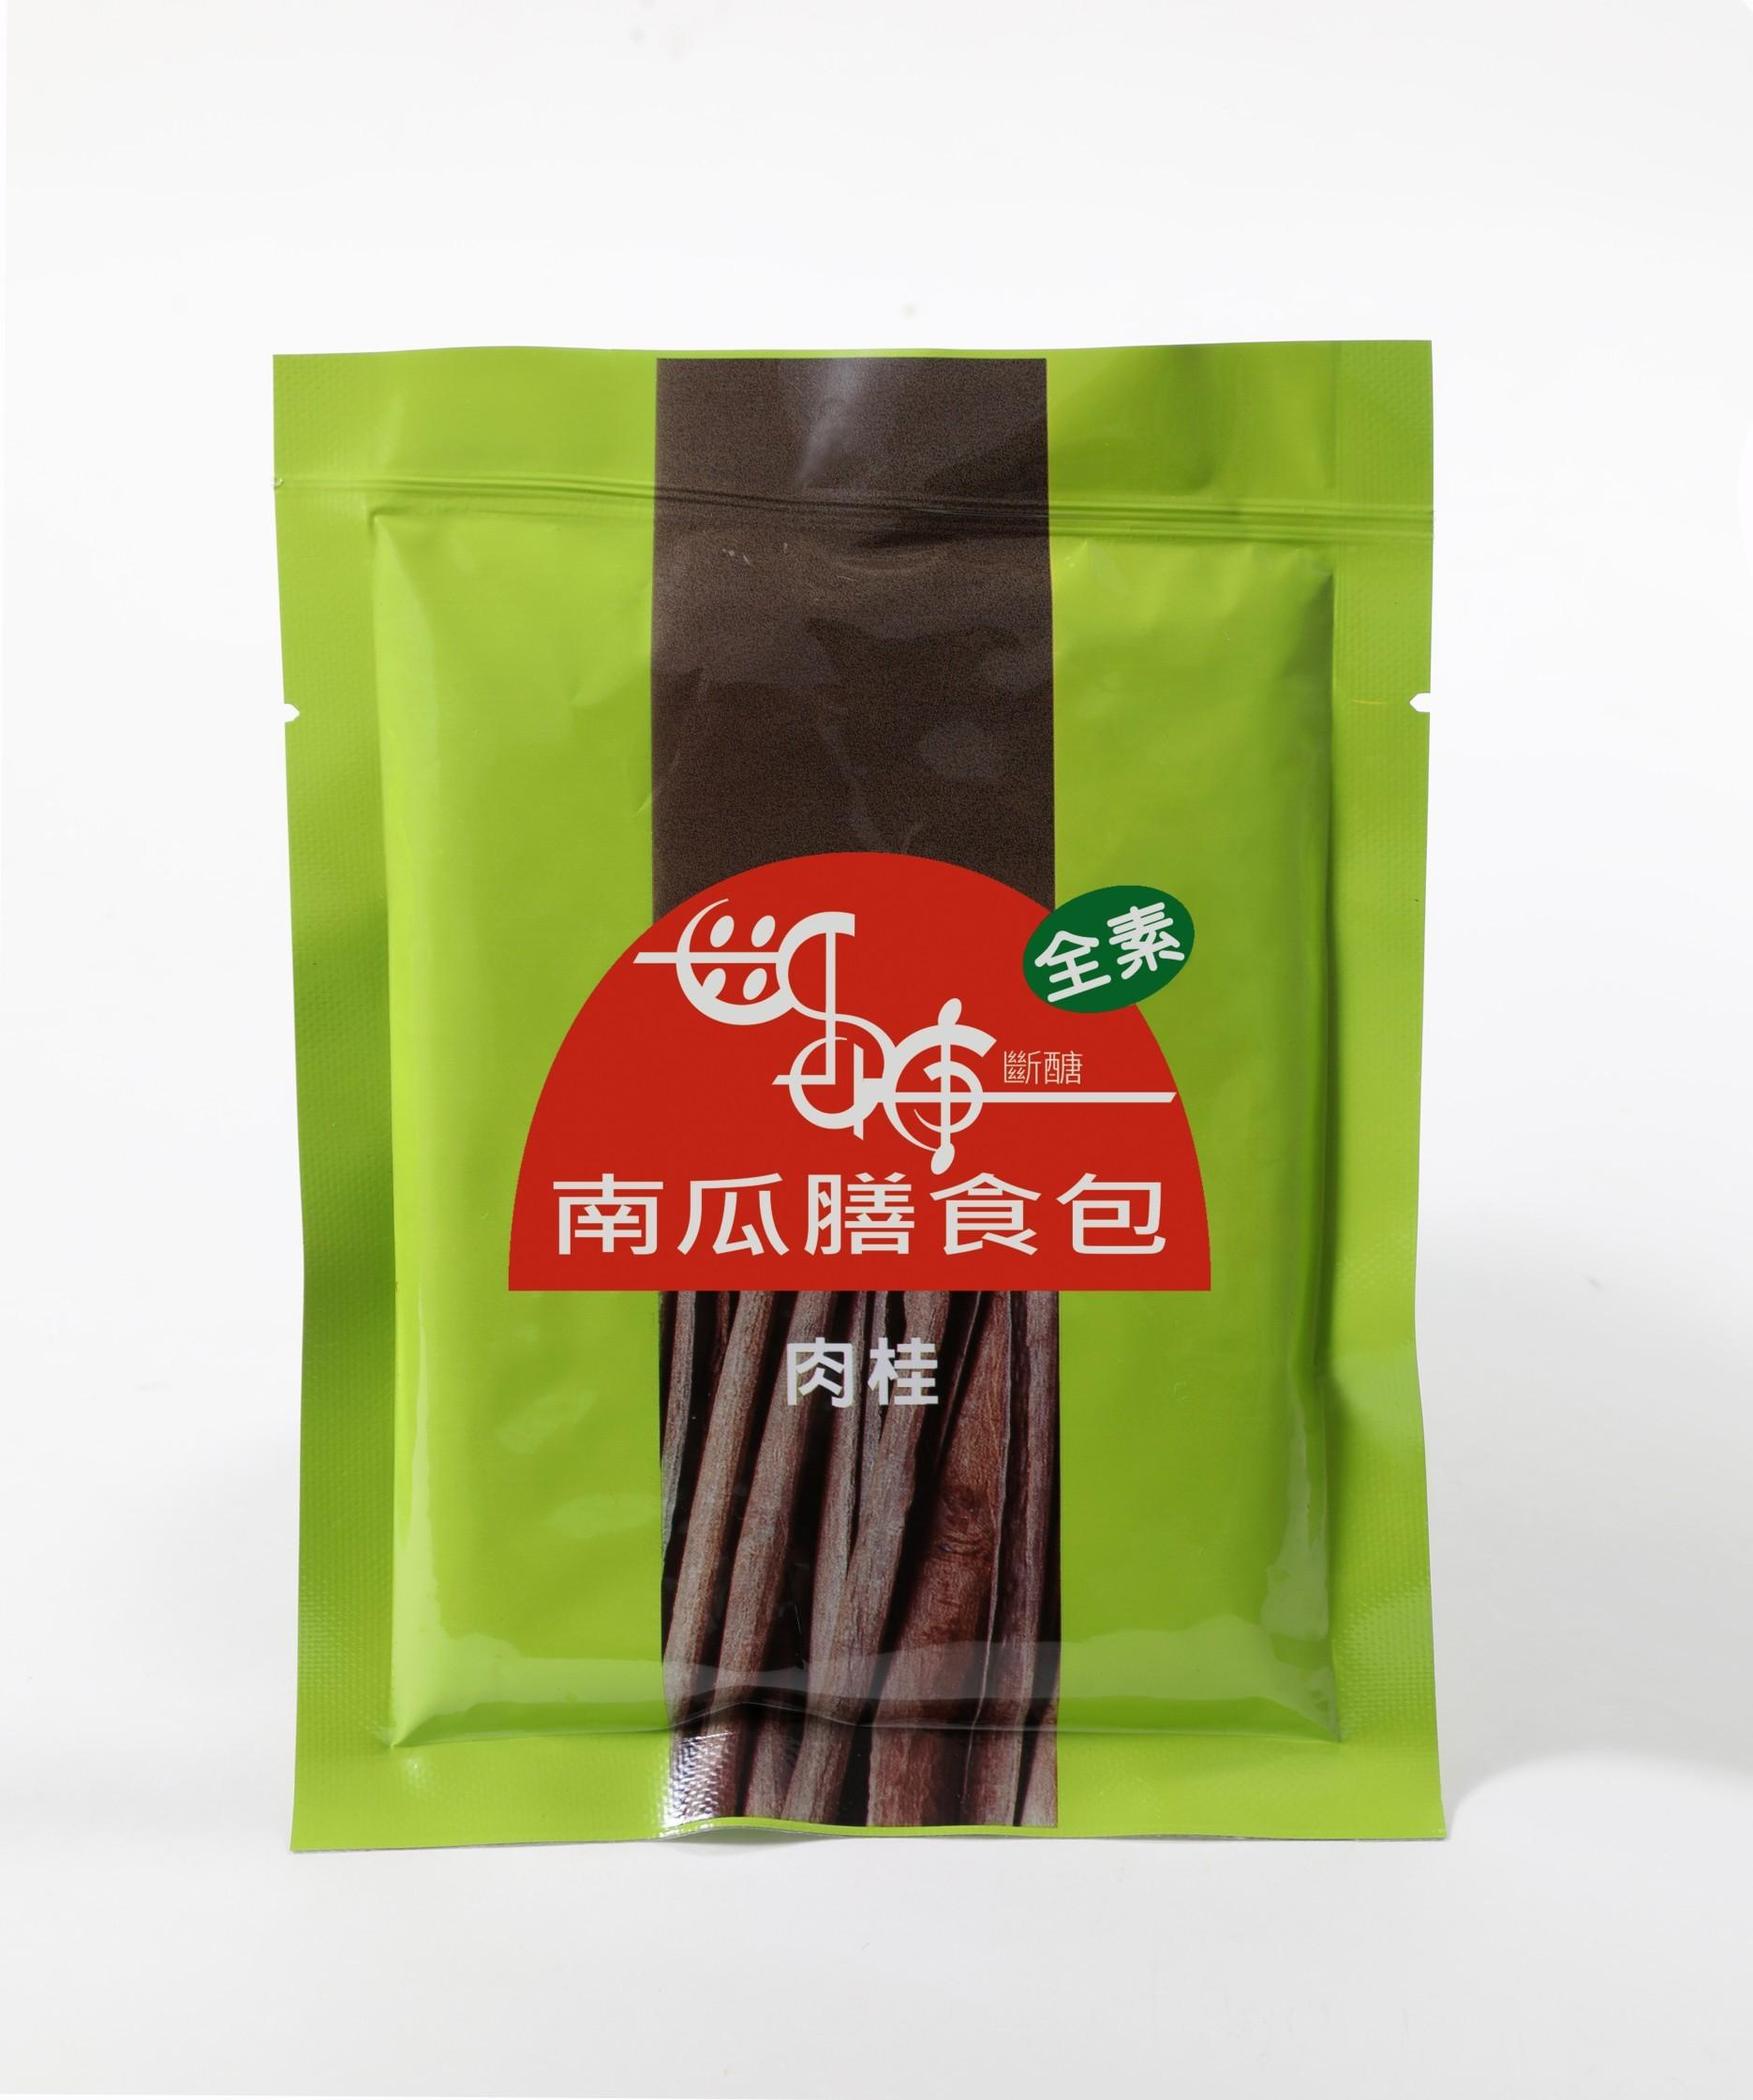 【士官長料理】南瓜膳食包-肉桂-10包/12盒套裝